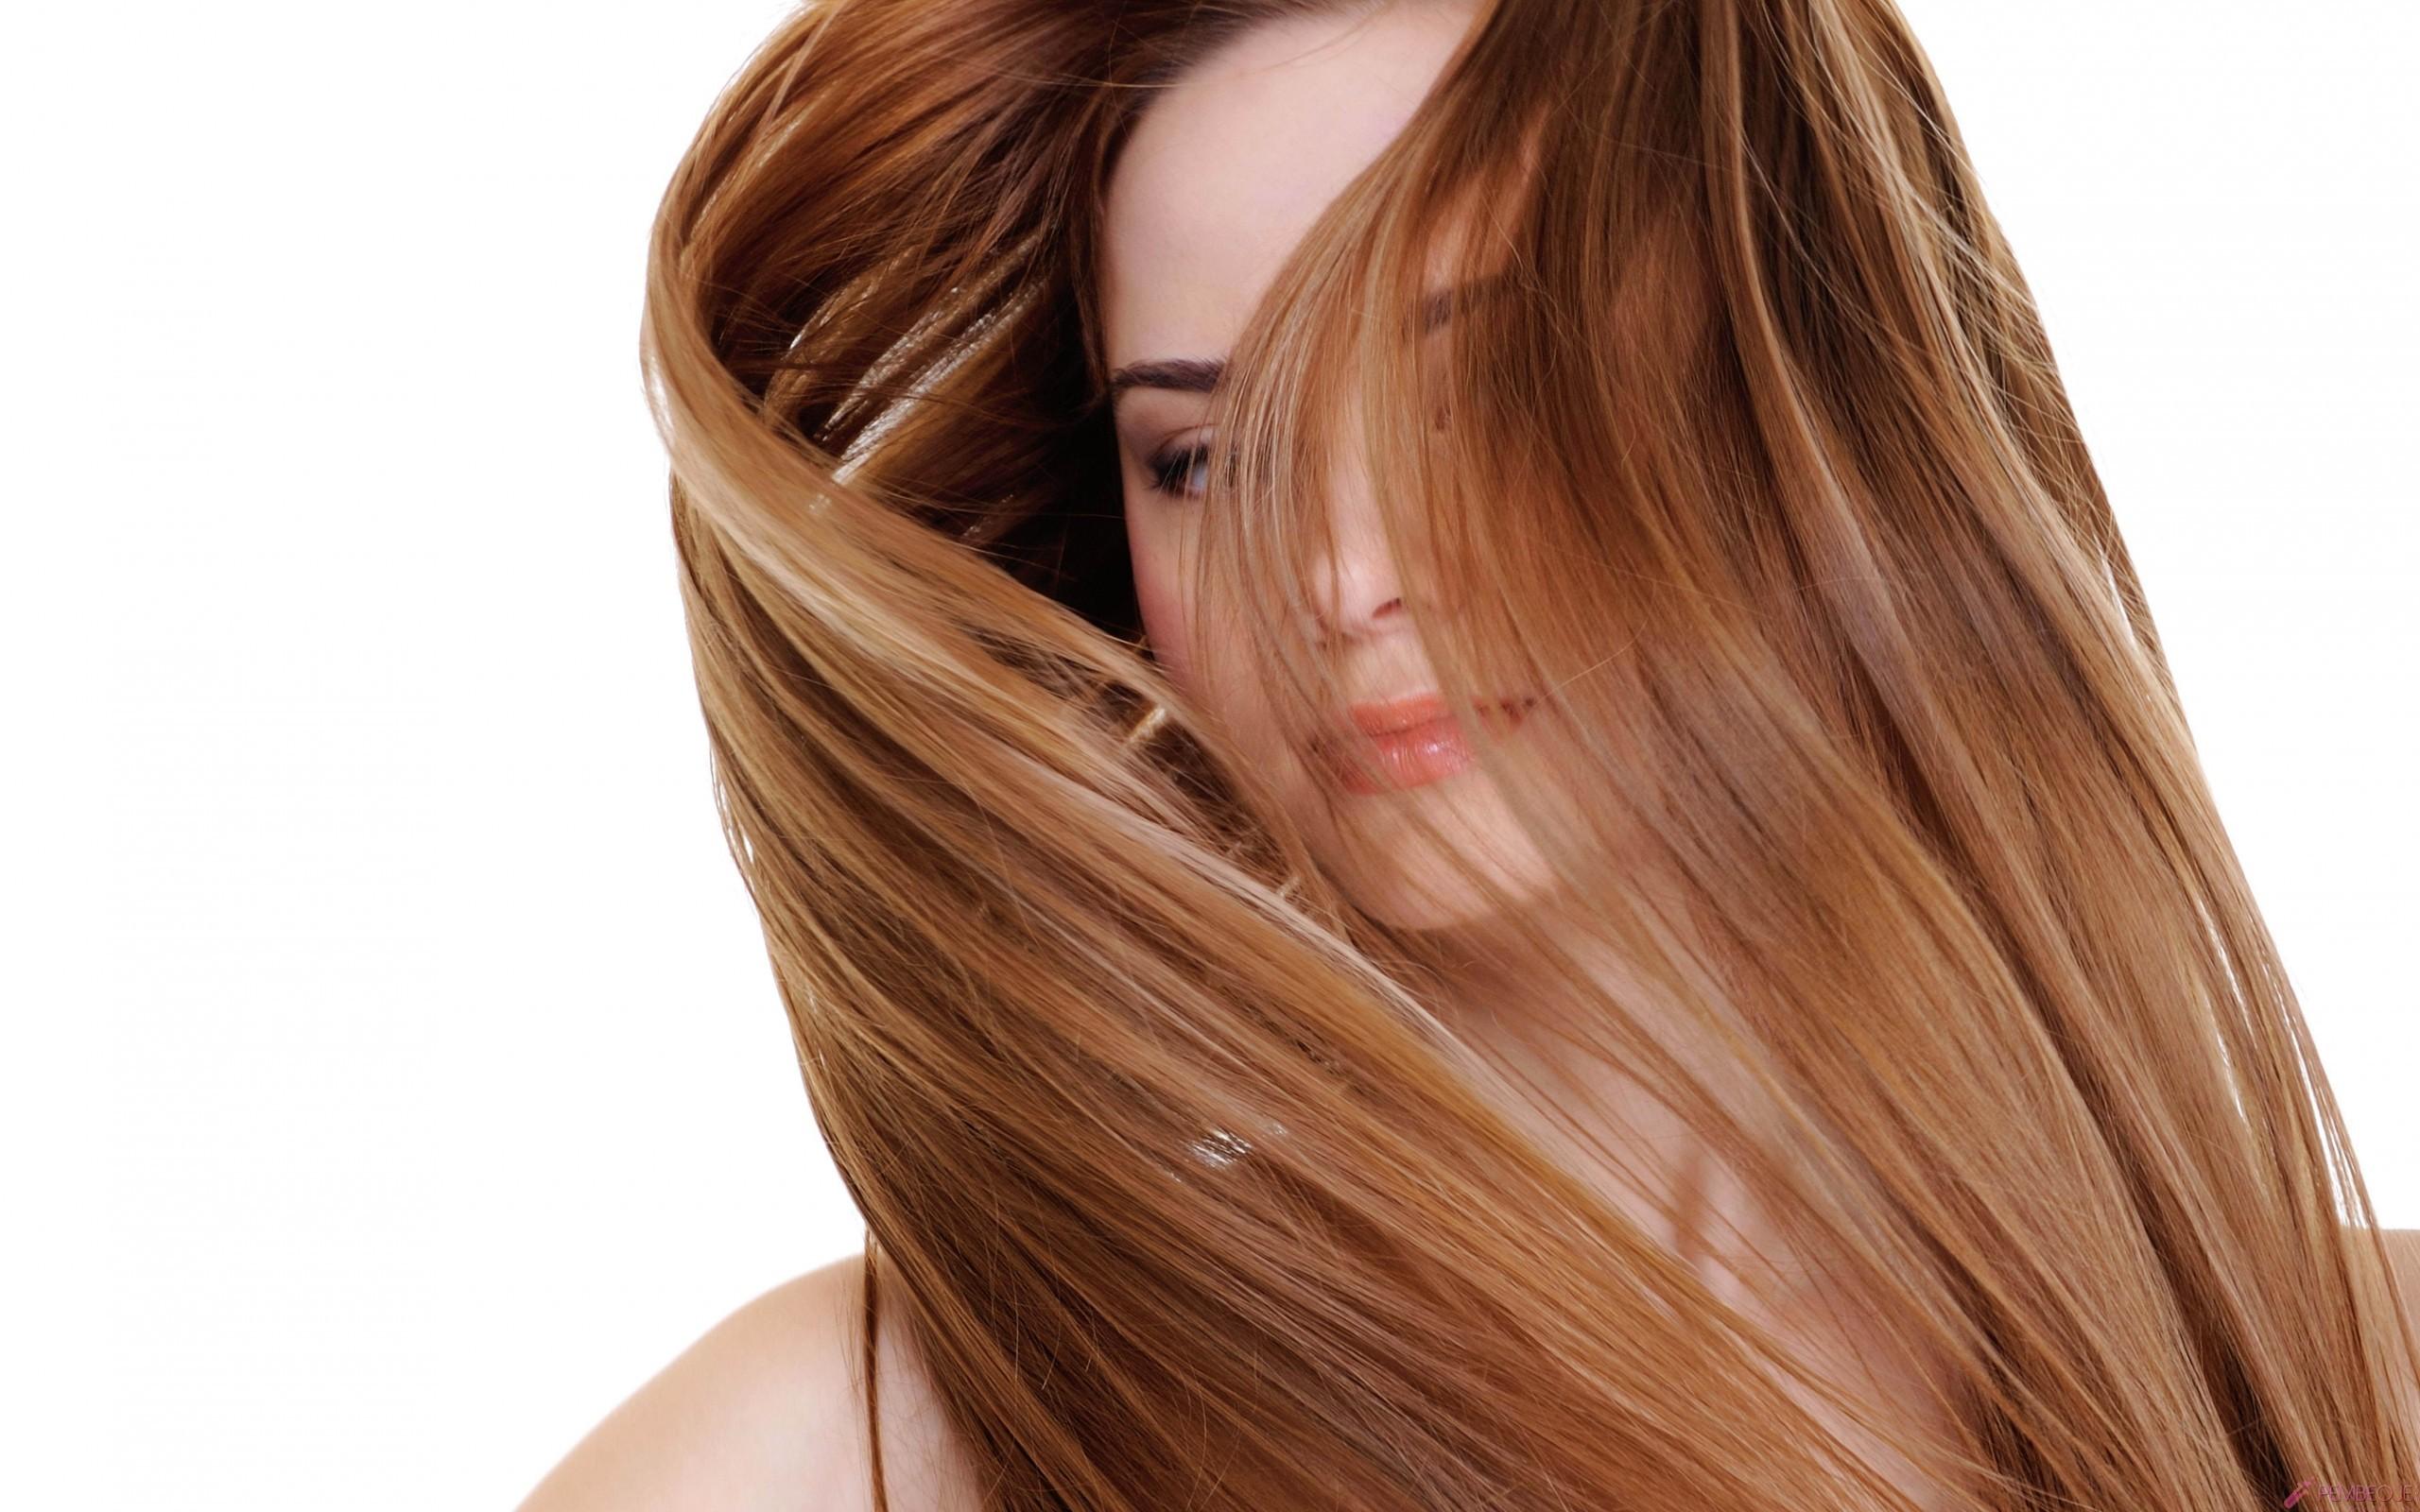 Saç Uzaması İçin Ne Yapılır: Saçların Uzaması İçin Doğal Yöntemler